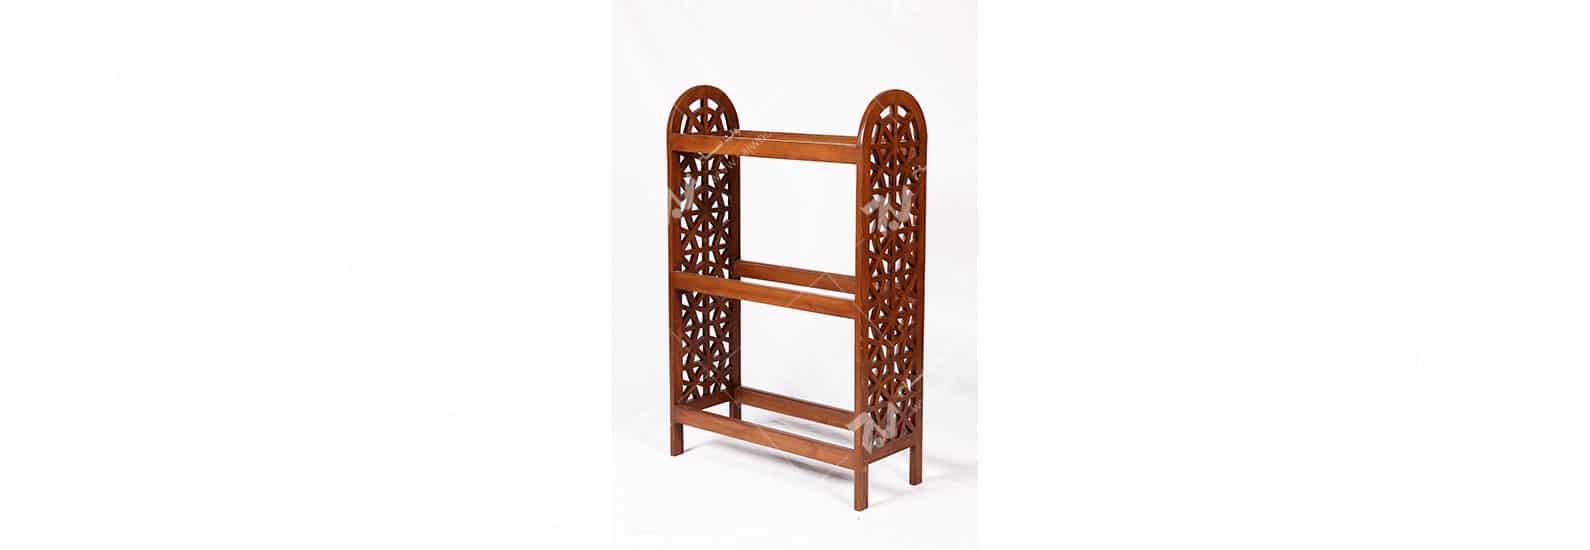 ویترین ( قفسه کتاب ، کتابخانه ) چوبی سنتی مشبک گره چینی - آذین کد ۶۰۶